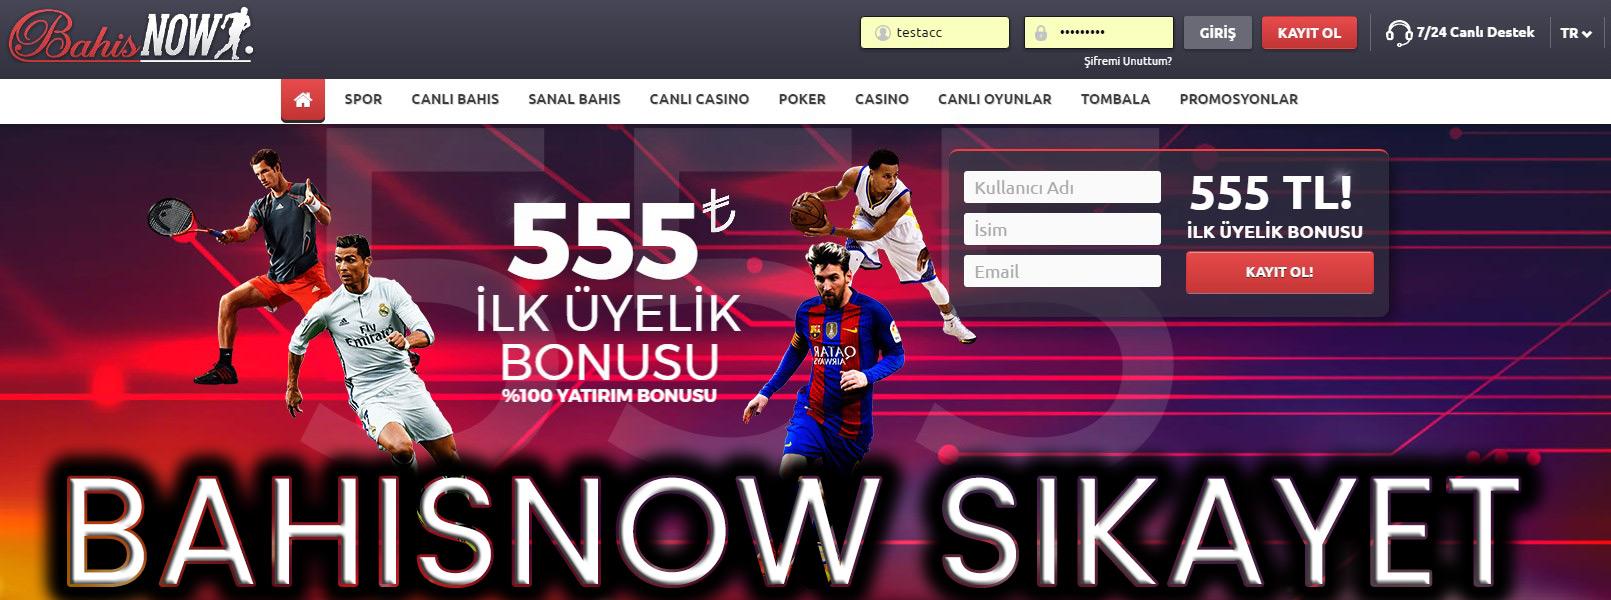 Bahisnow Şikayet